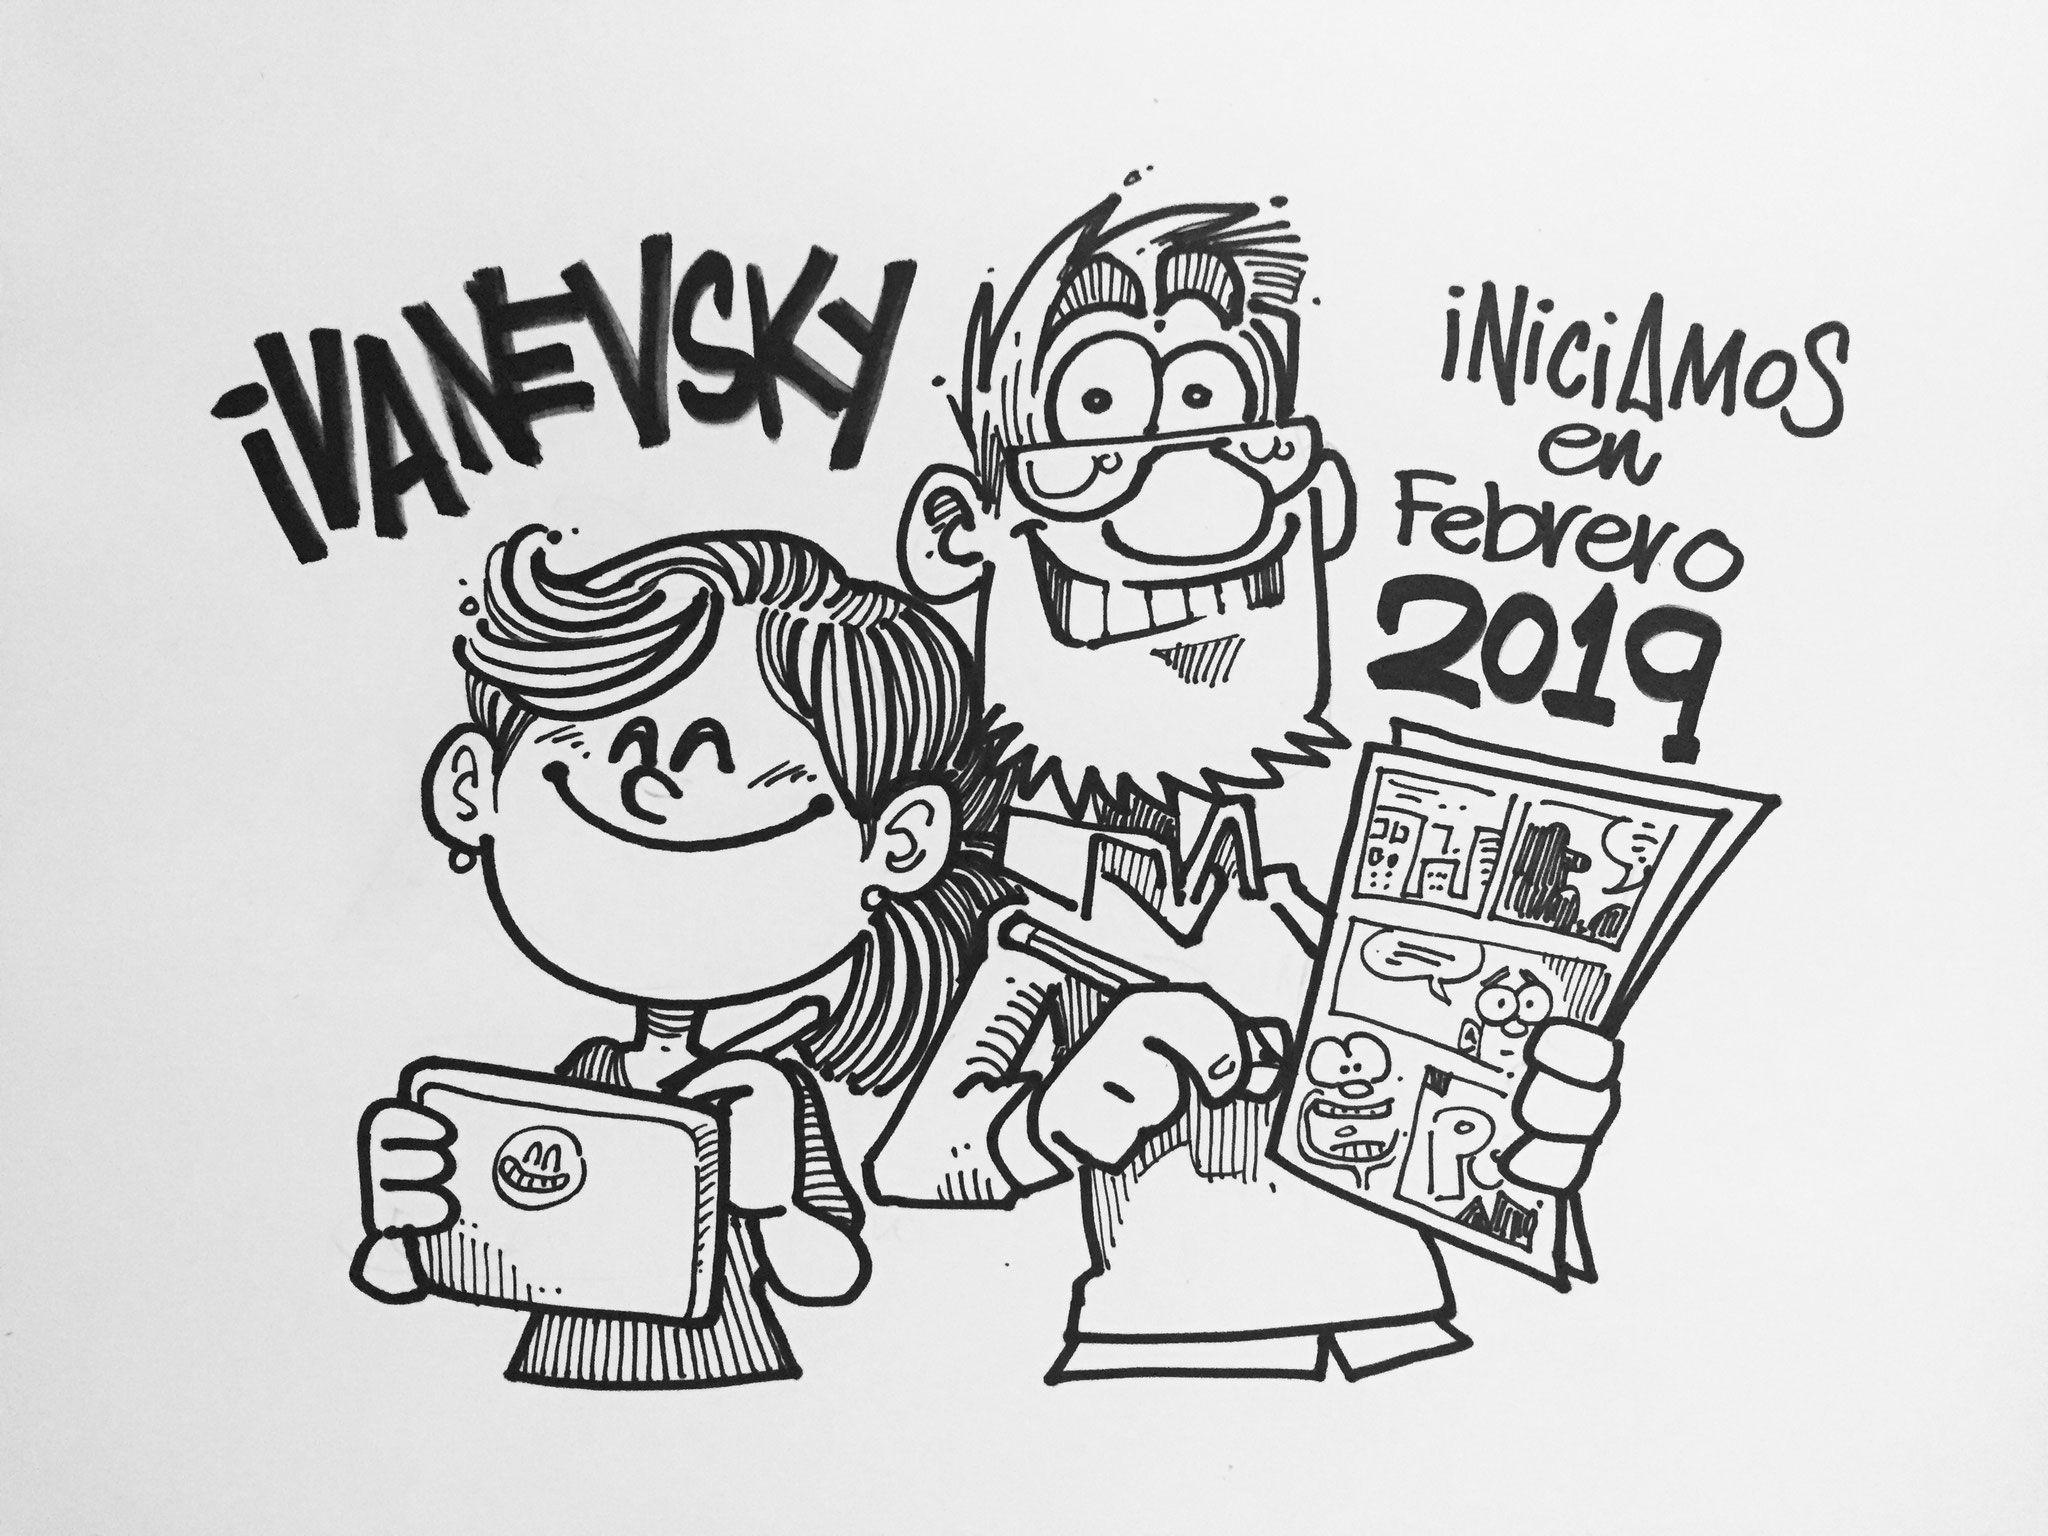 Descarga Gratis El Glosario Toon Para Tus Prácticas De Caricatura Página Web De Ivanevsky Diseño De Personajes Dibujo De Caricaturas Estilos De Dibujo